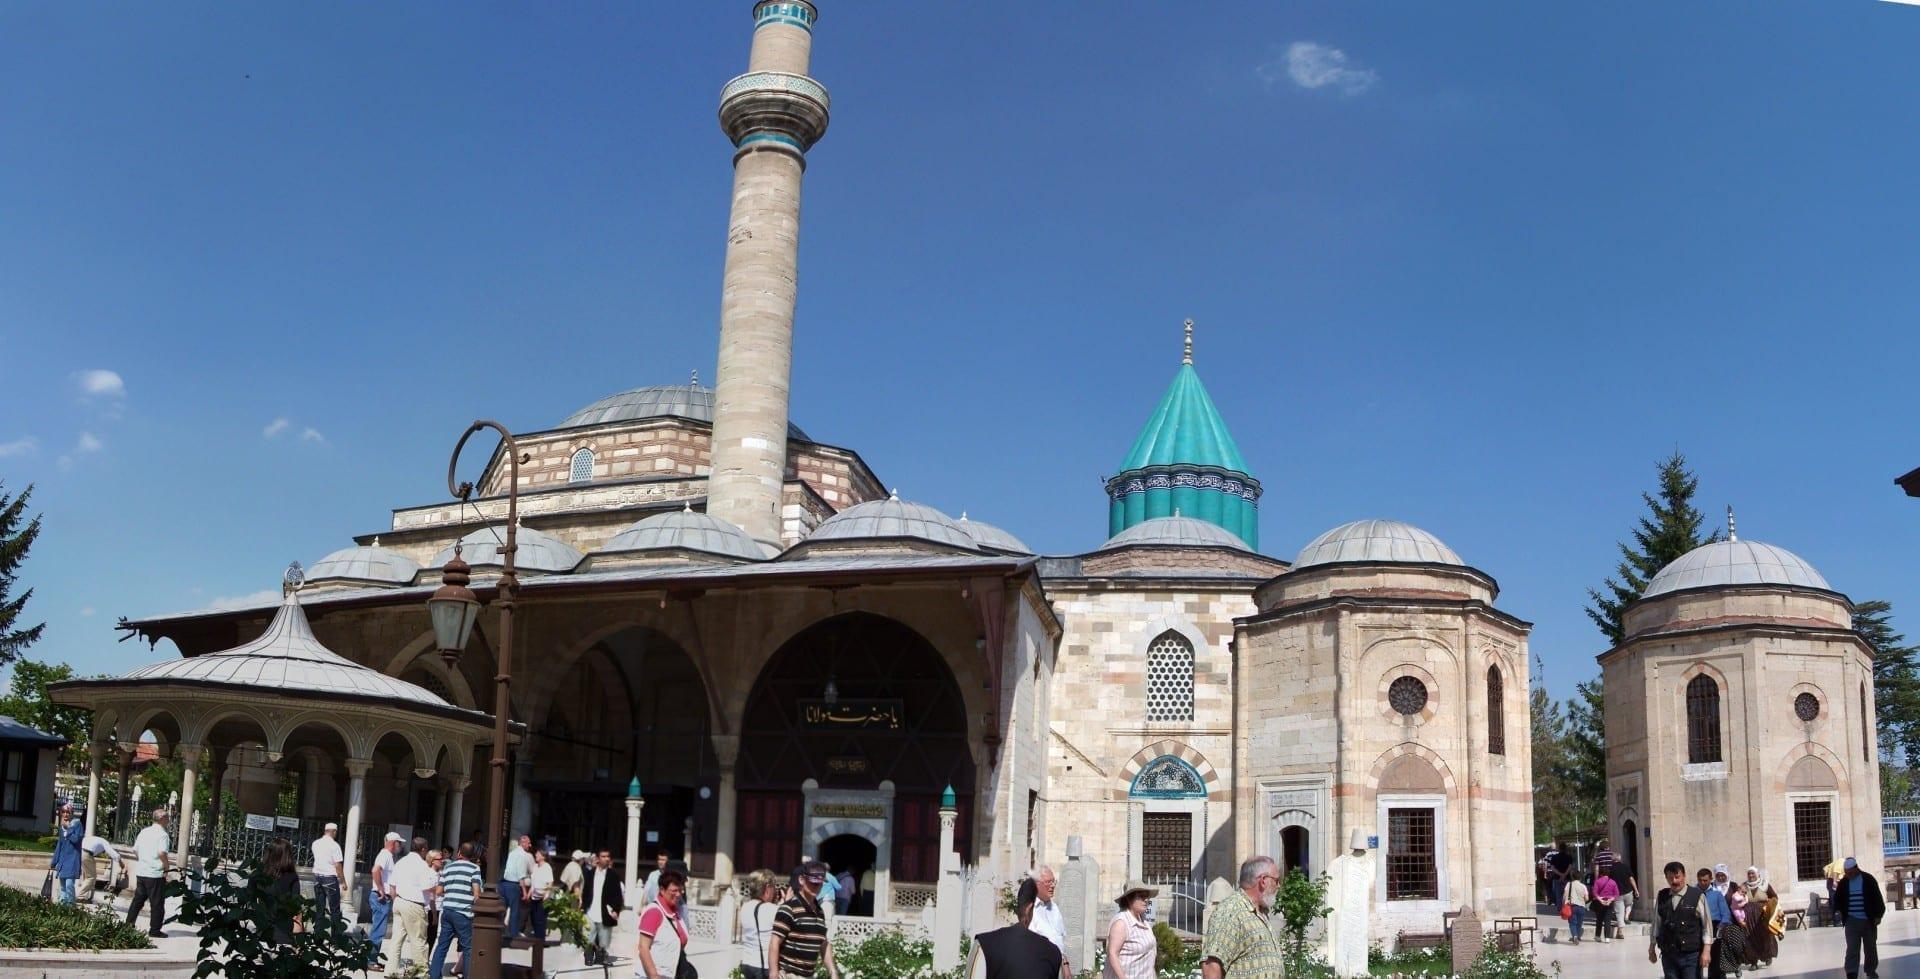 Museo Mevlana - Mausoleo de Rumi Konya Turquía